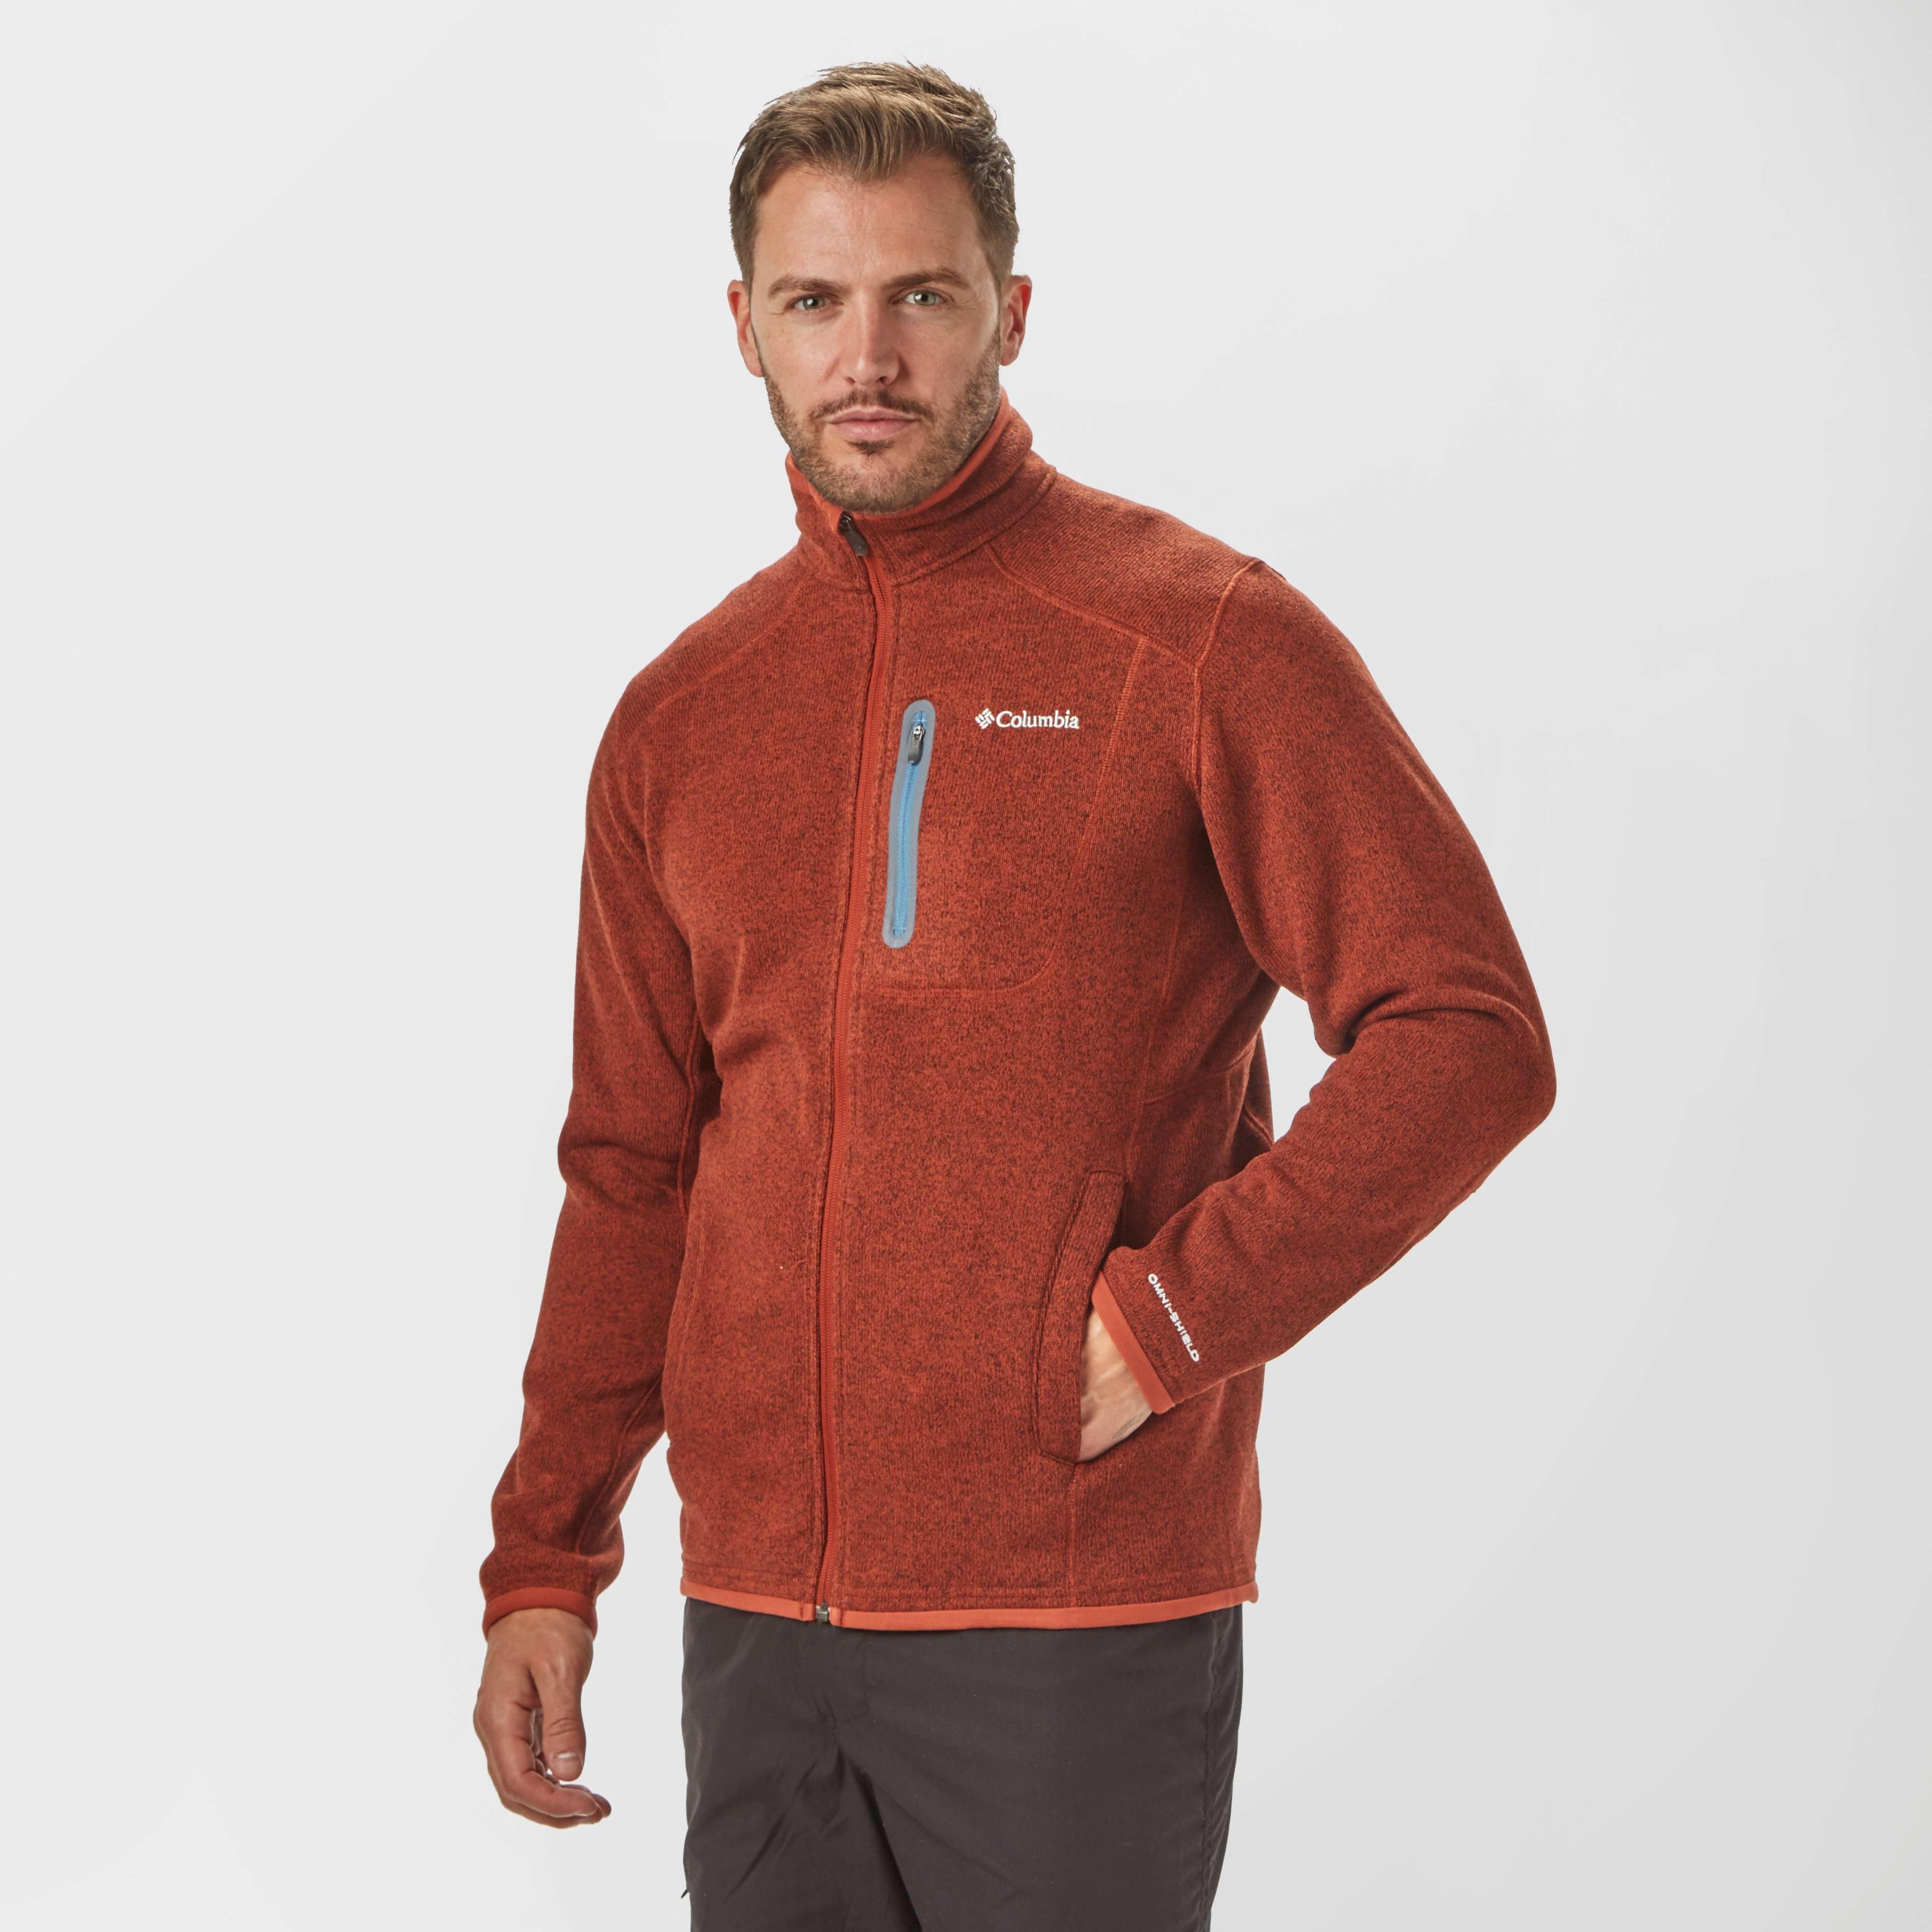 COLUMBIA Men's Altitude Aspect Full Zip Fleece